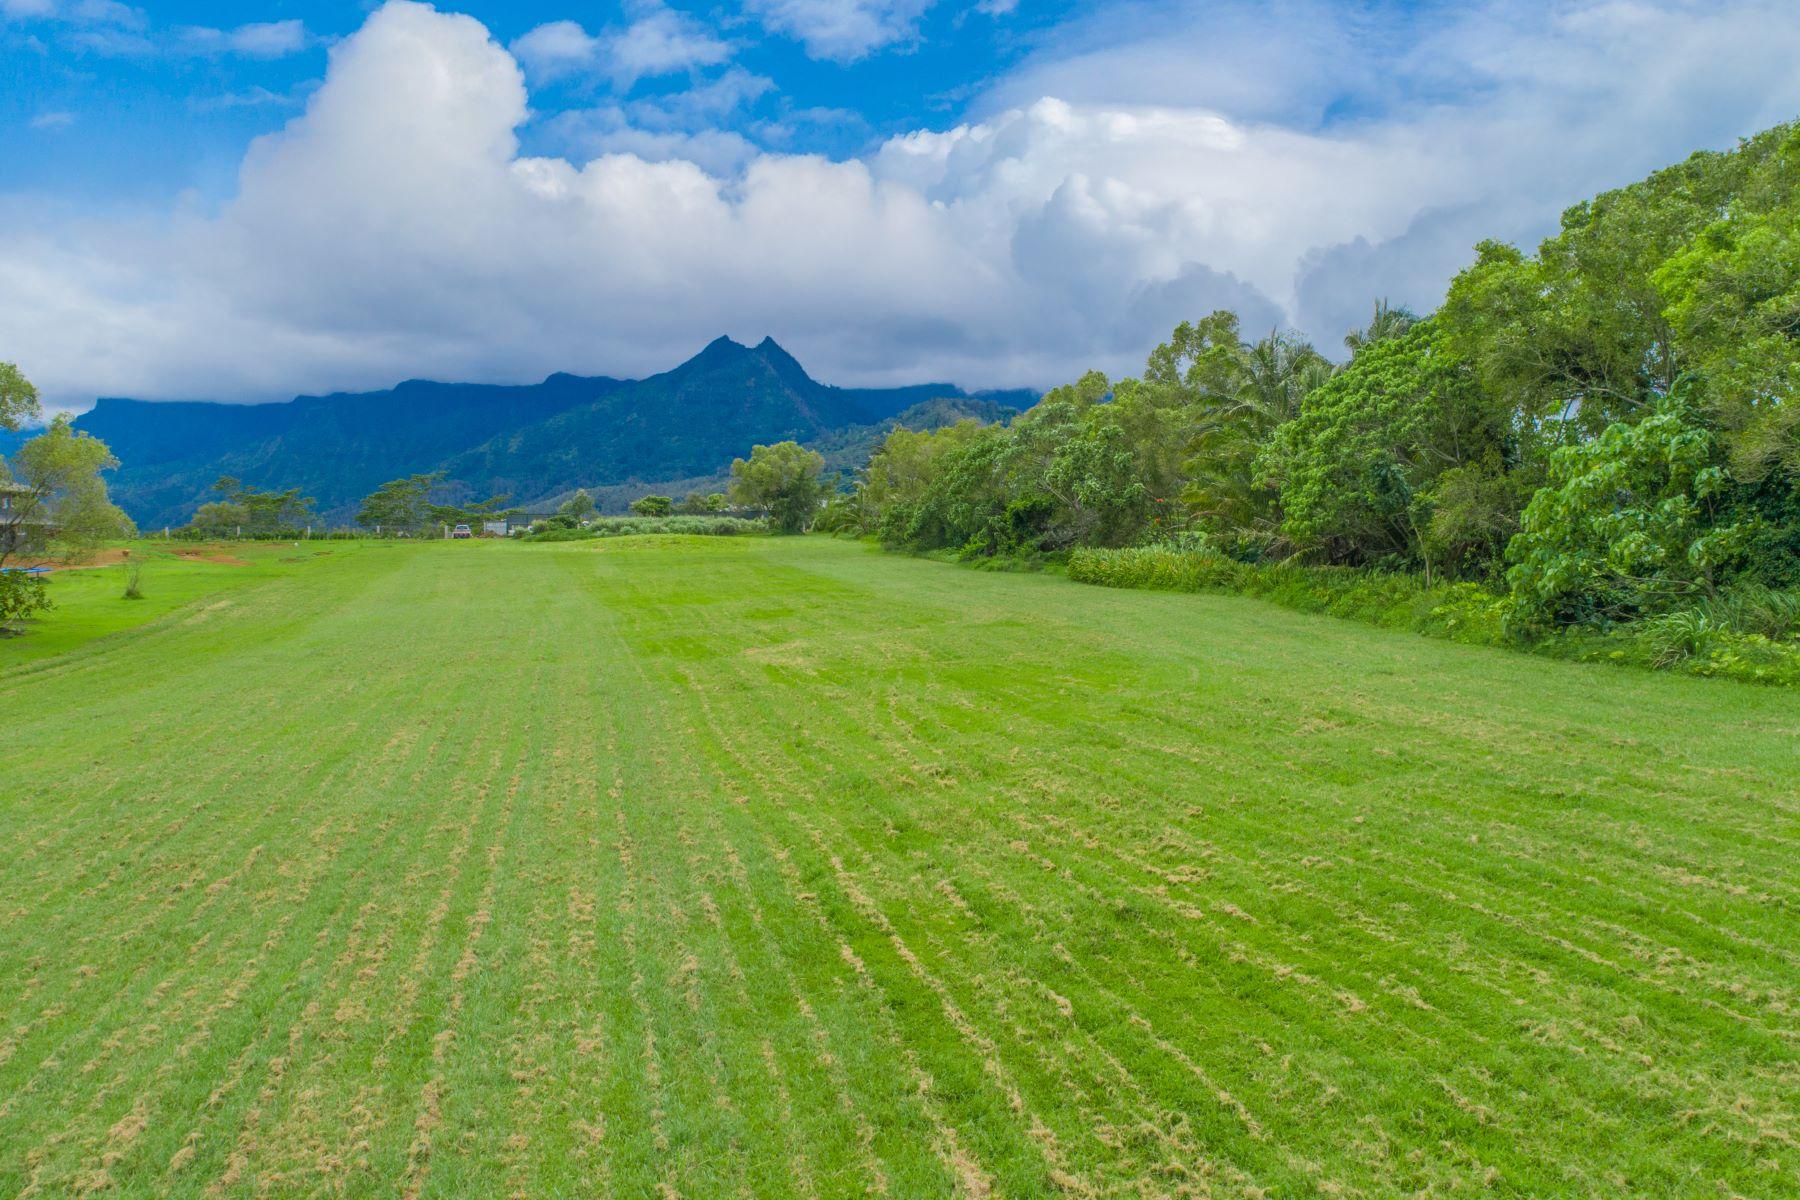 Land for Sale at #1 Princeville, HI 96722 #1 Princeville, Hawaii 96722 United States